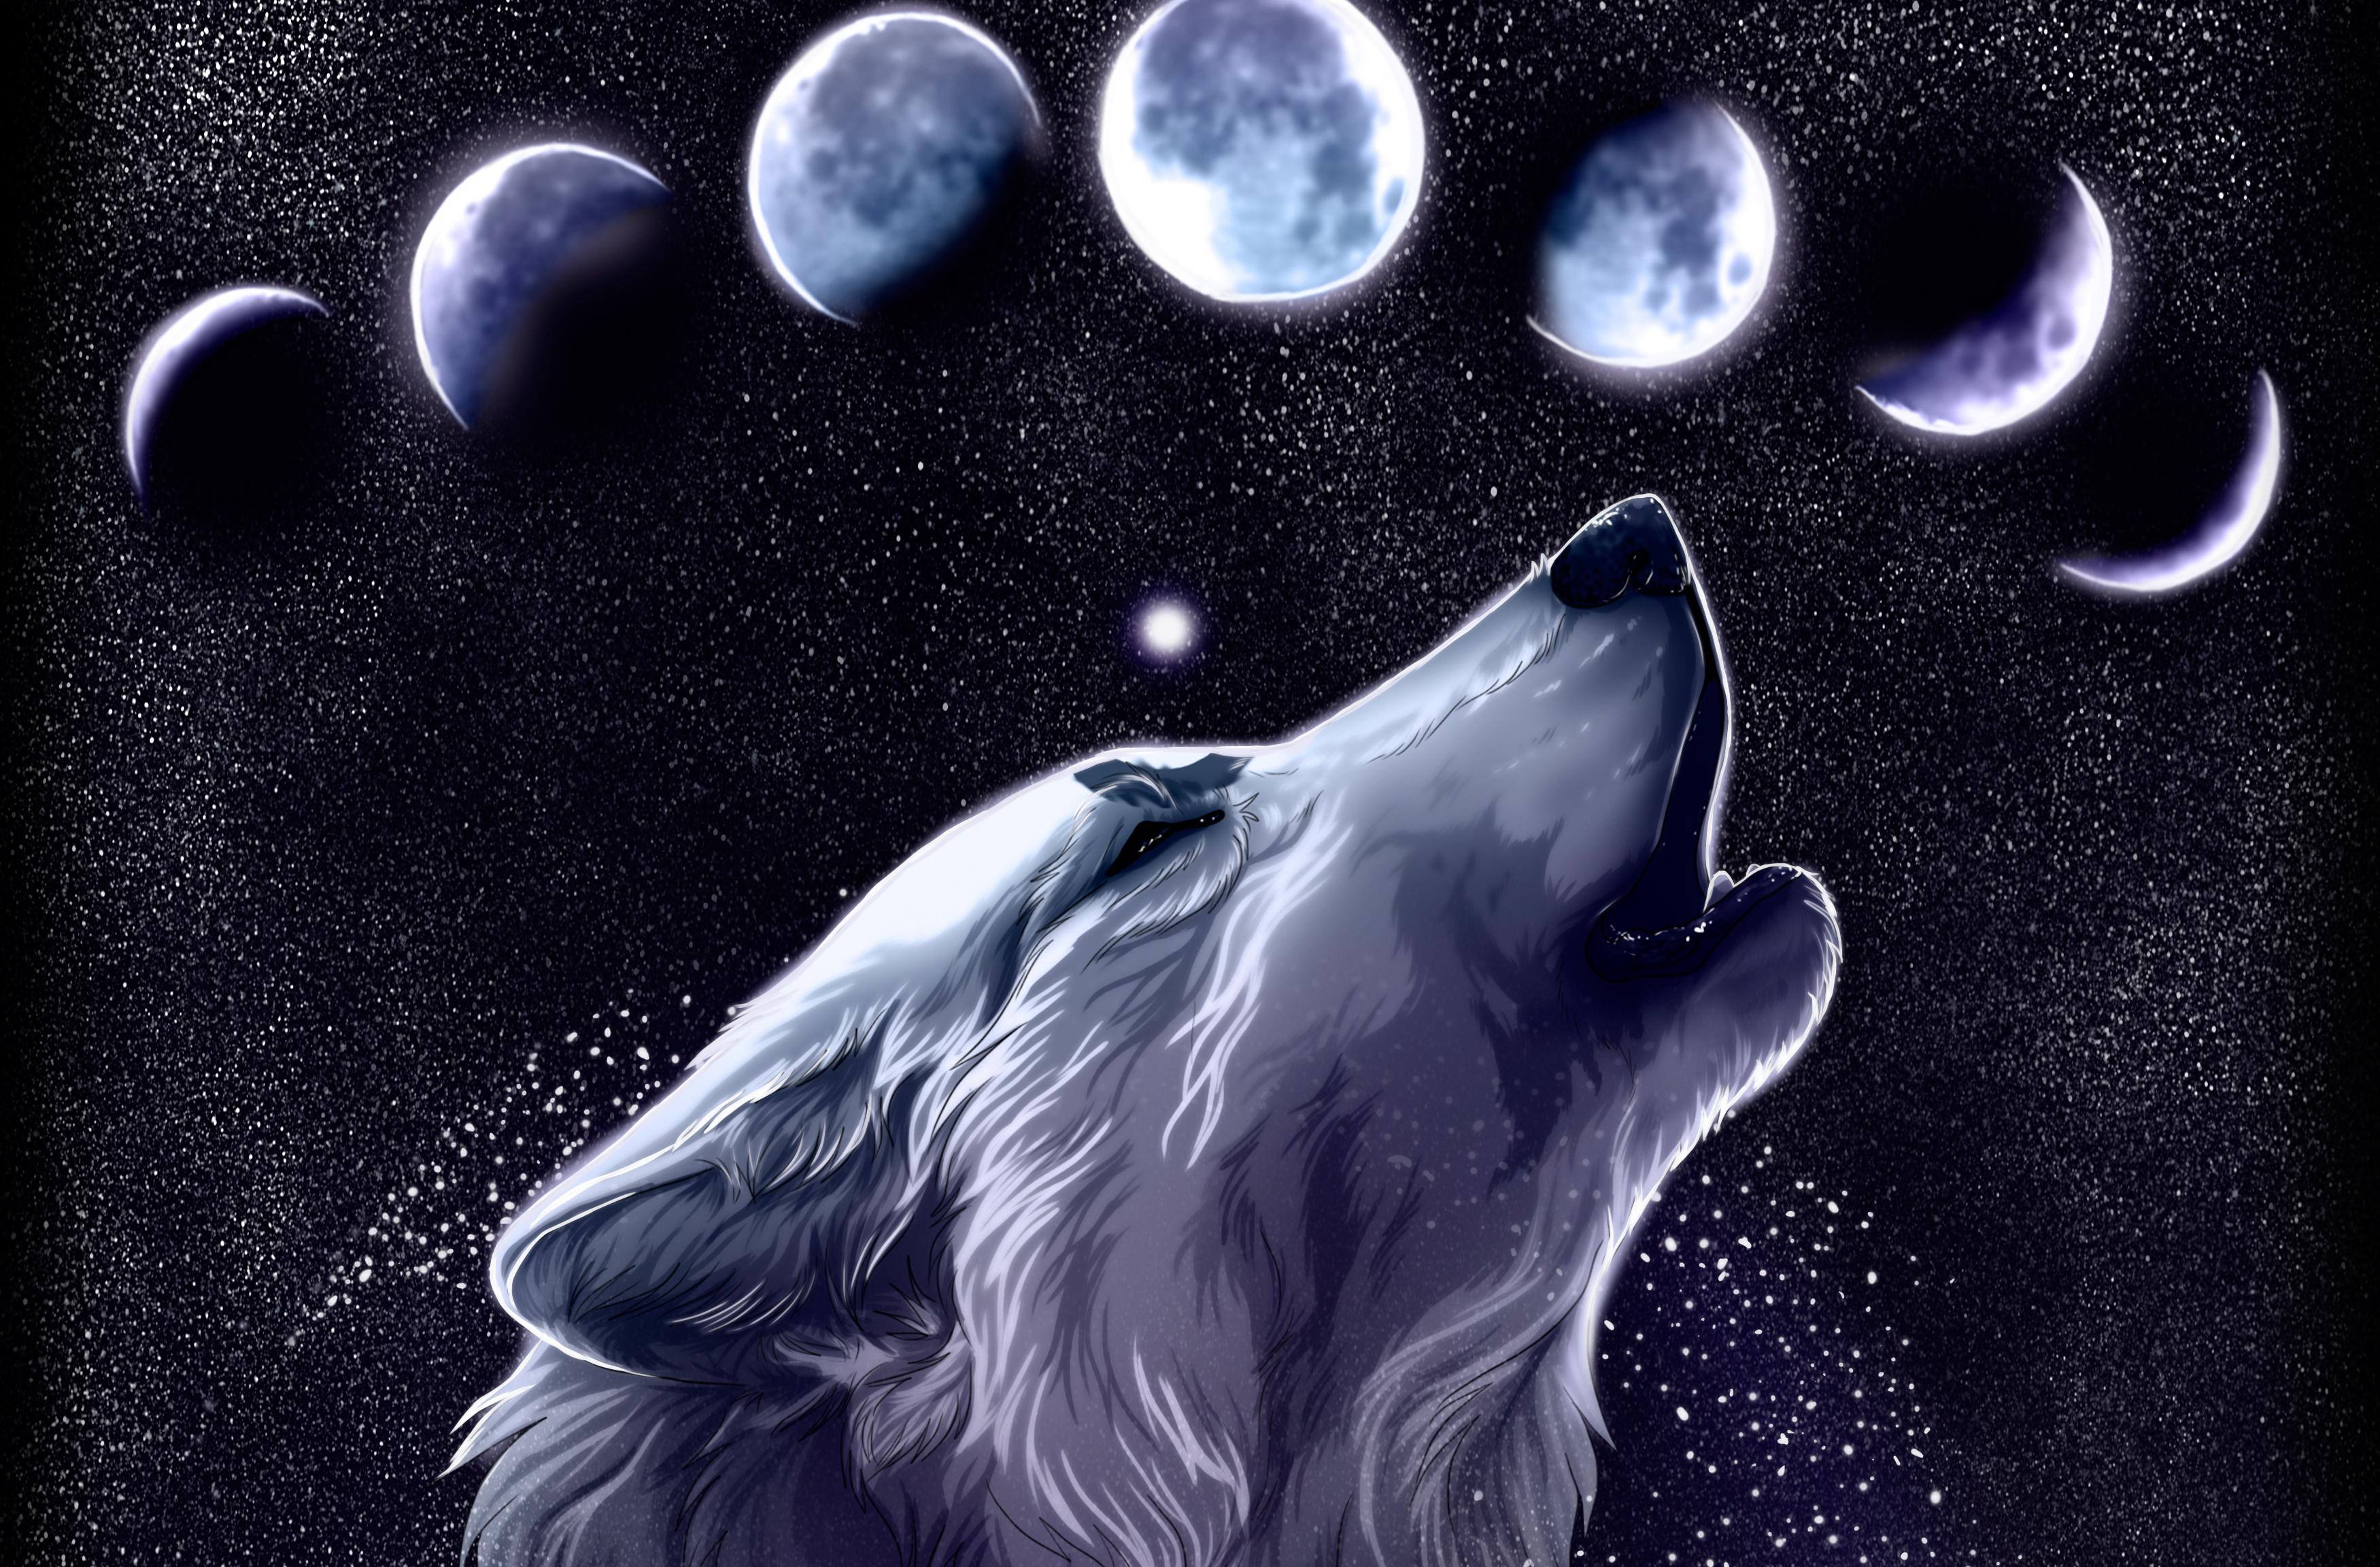 wolf art wallpaper   ForWallpapercom 3500x2304